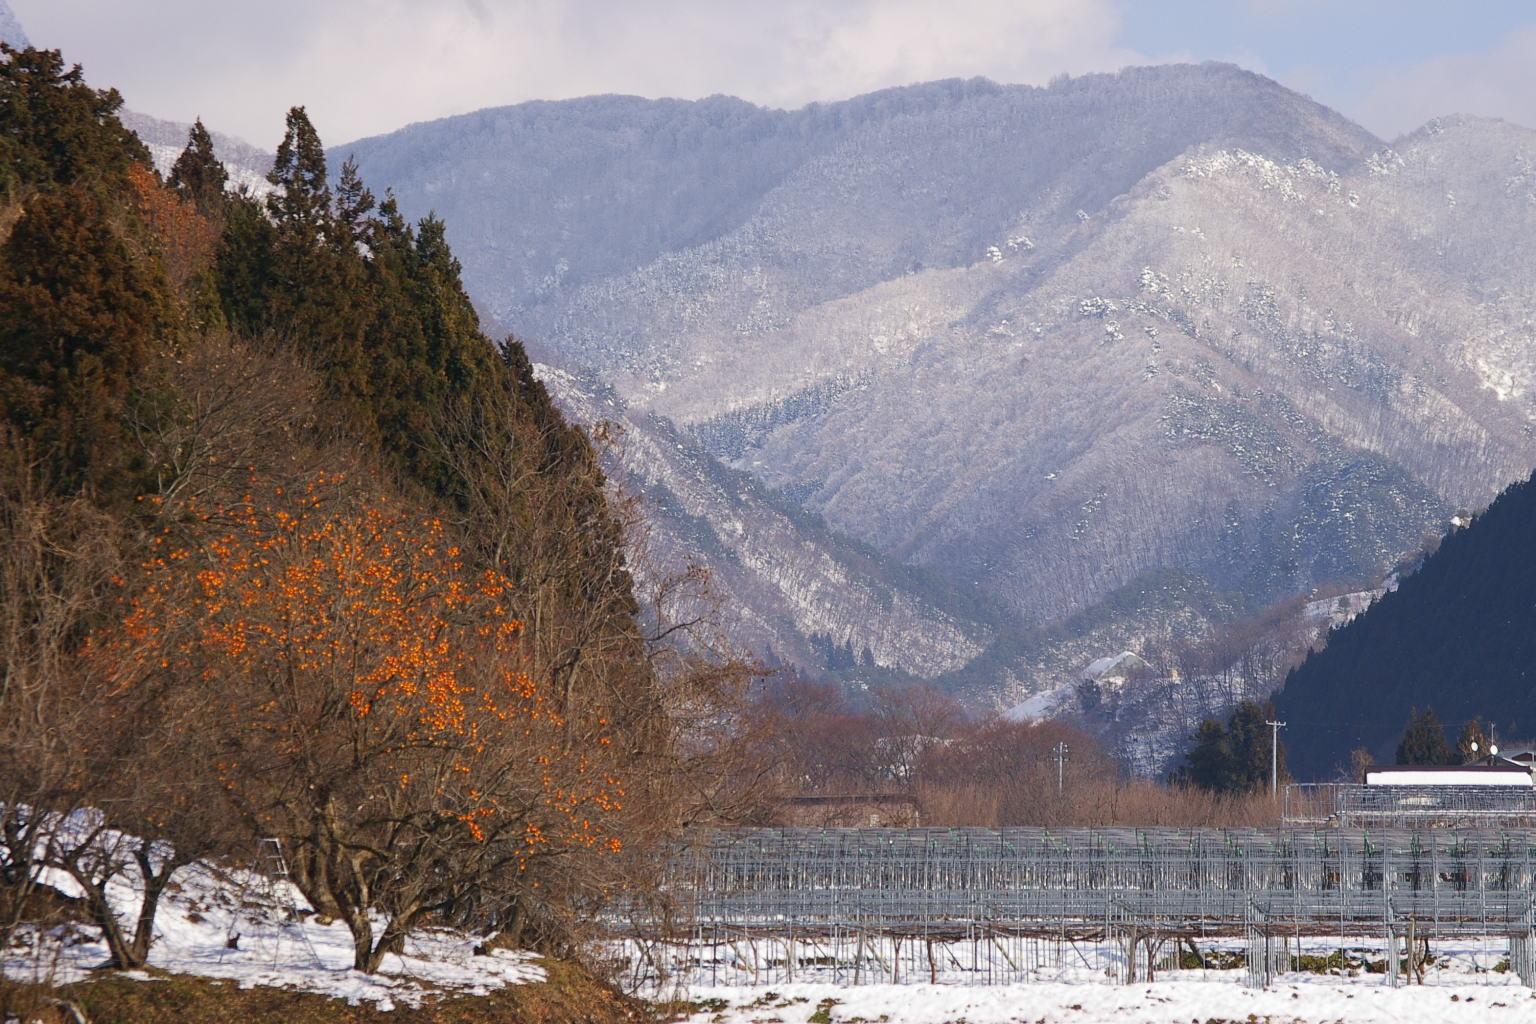 柿の木と奥羽山脈の雪景色